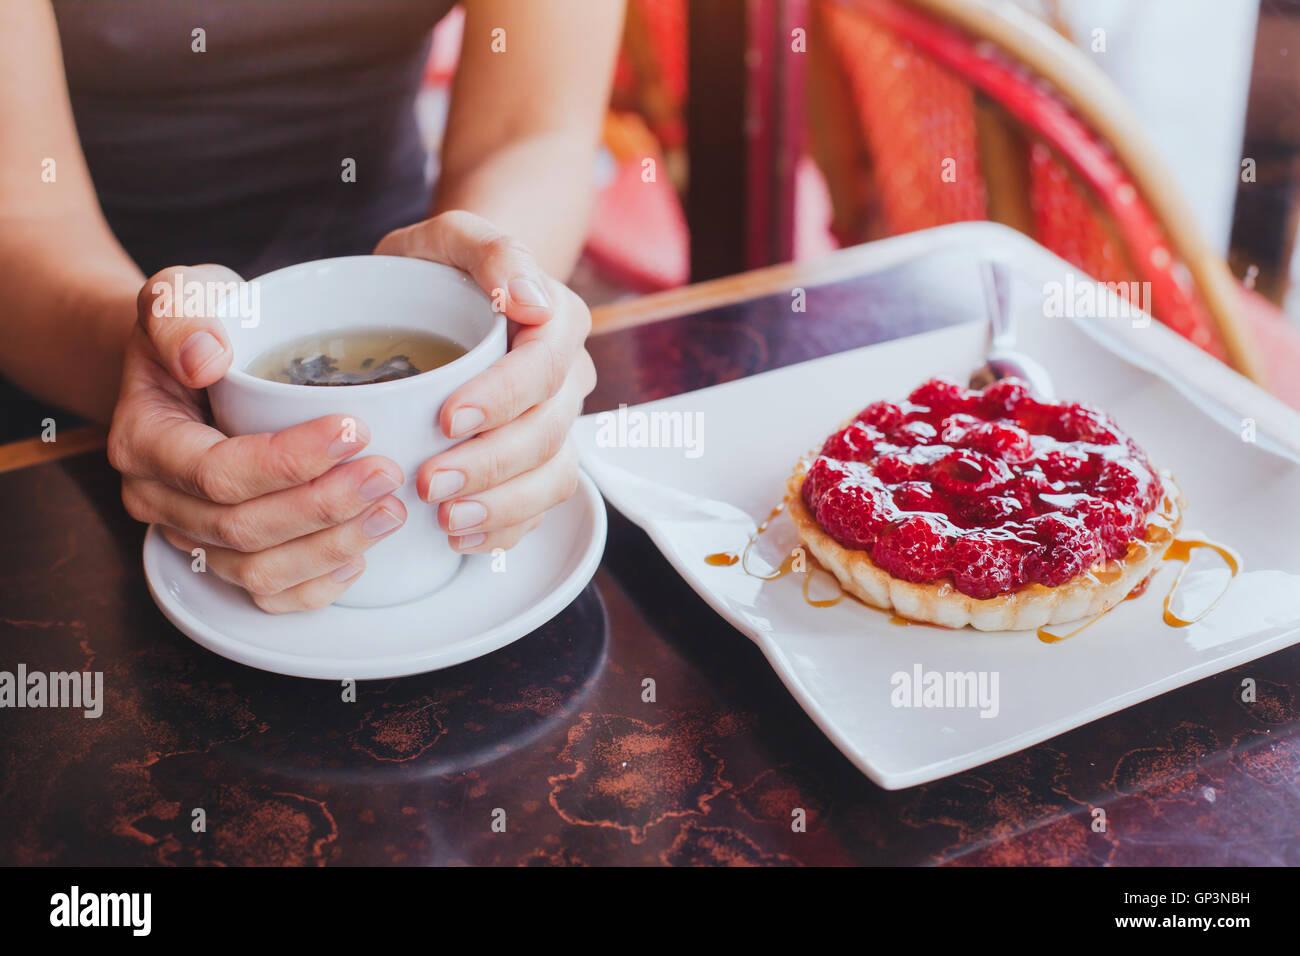 Beber té con dulce postre en cafe, cerca de manos con taza y pastel de frutas Imagen De Stock